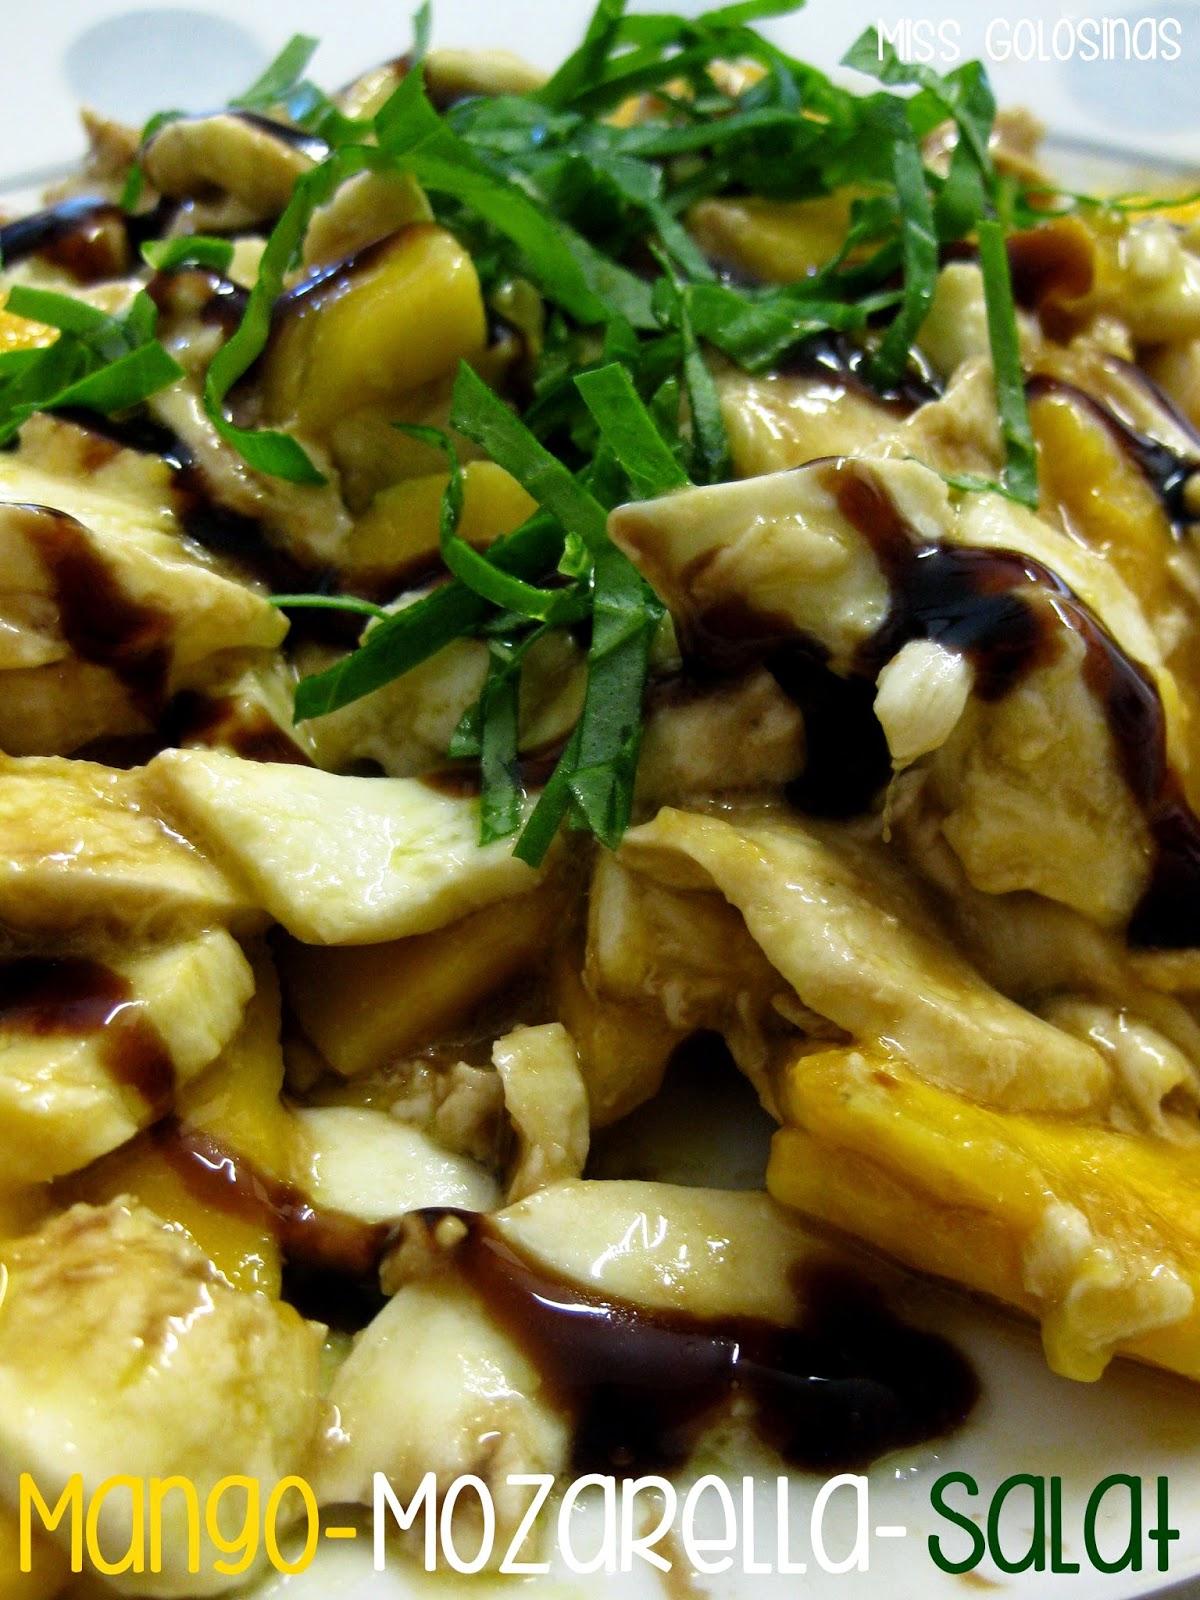 vegetarian, vegetariona, ensalada de mango y mozarella, rápido, quick dinner